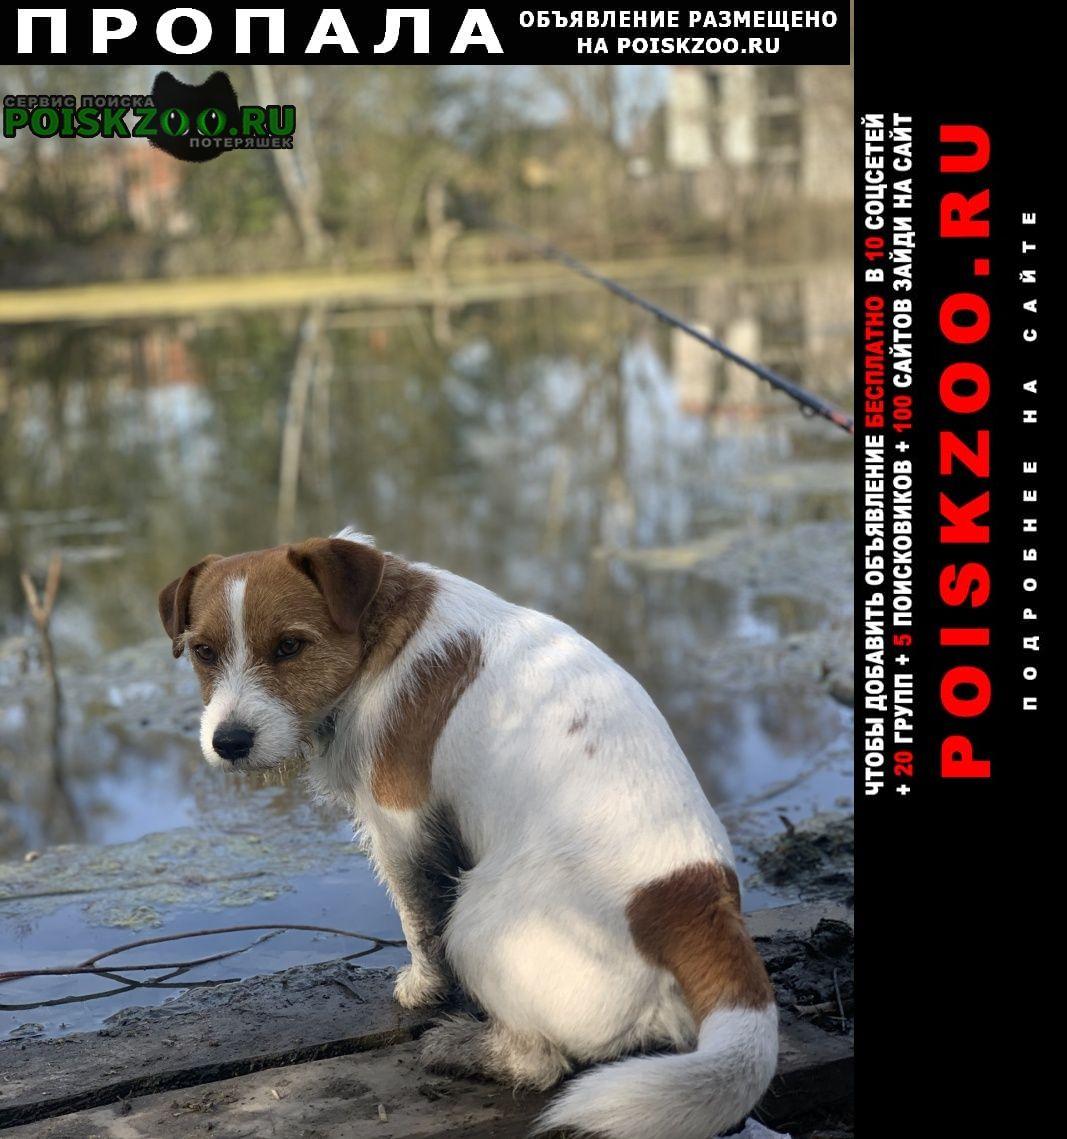 Пропала собака джек рассел терьер Зеленоградск